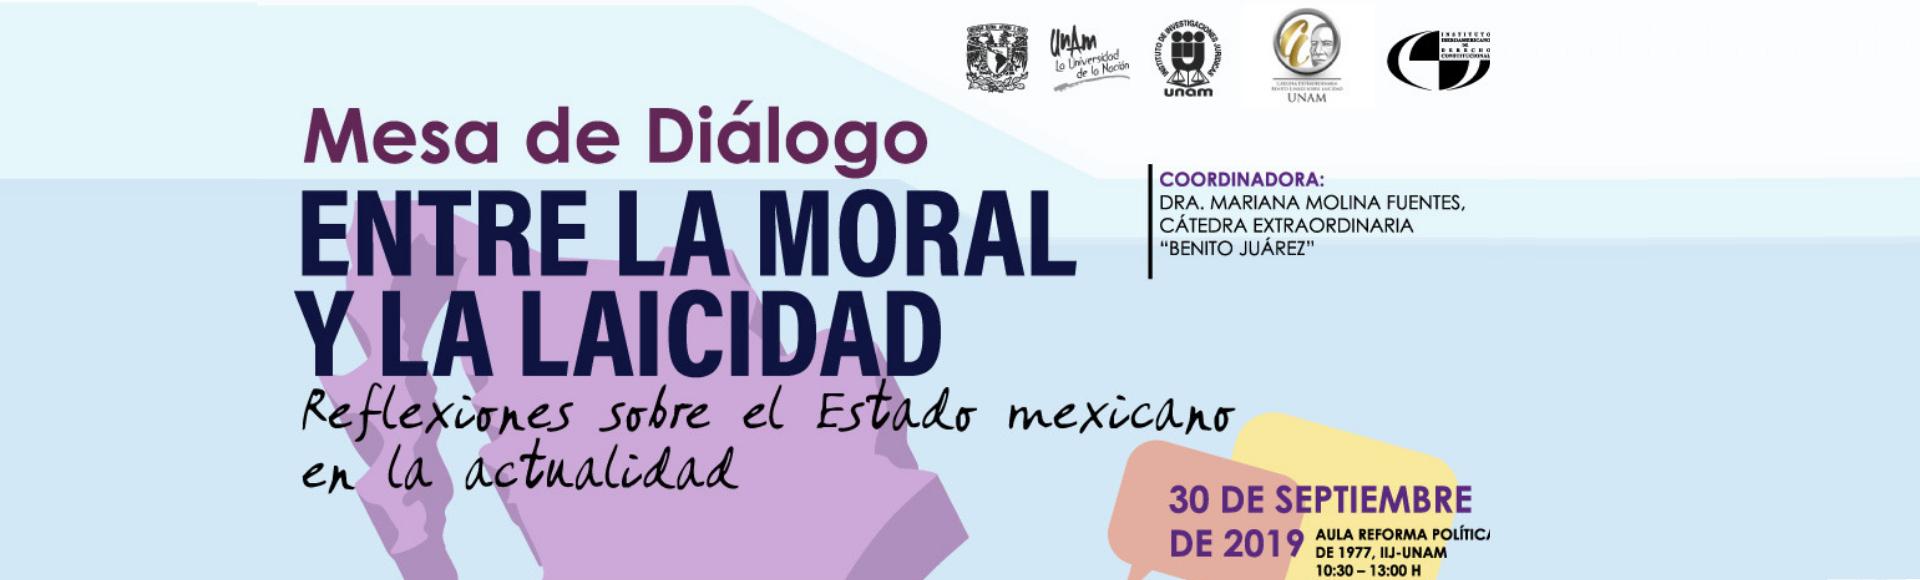 Entre la moral y la laicidad